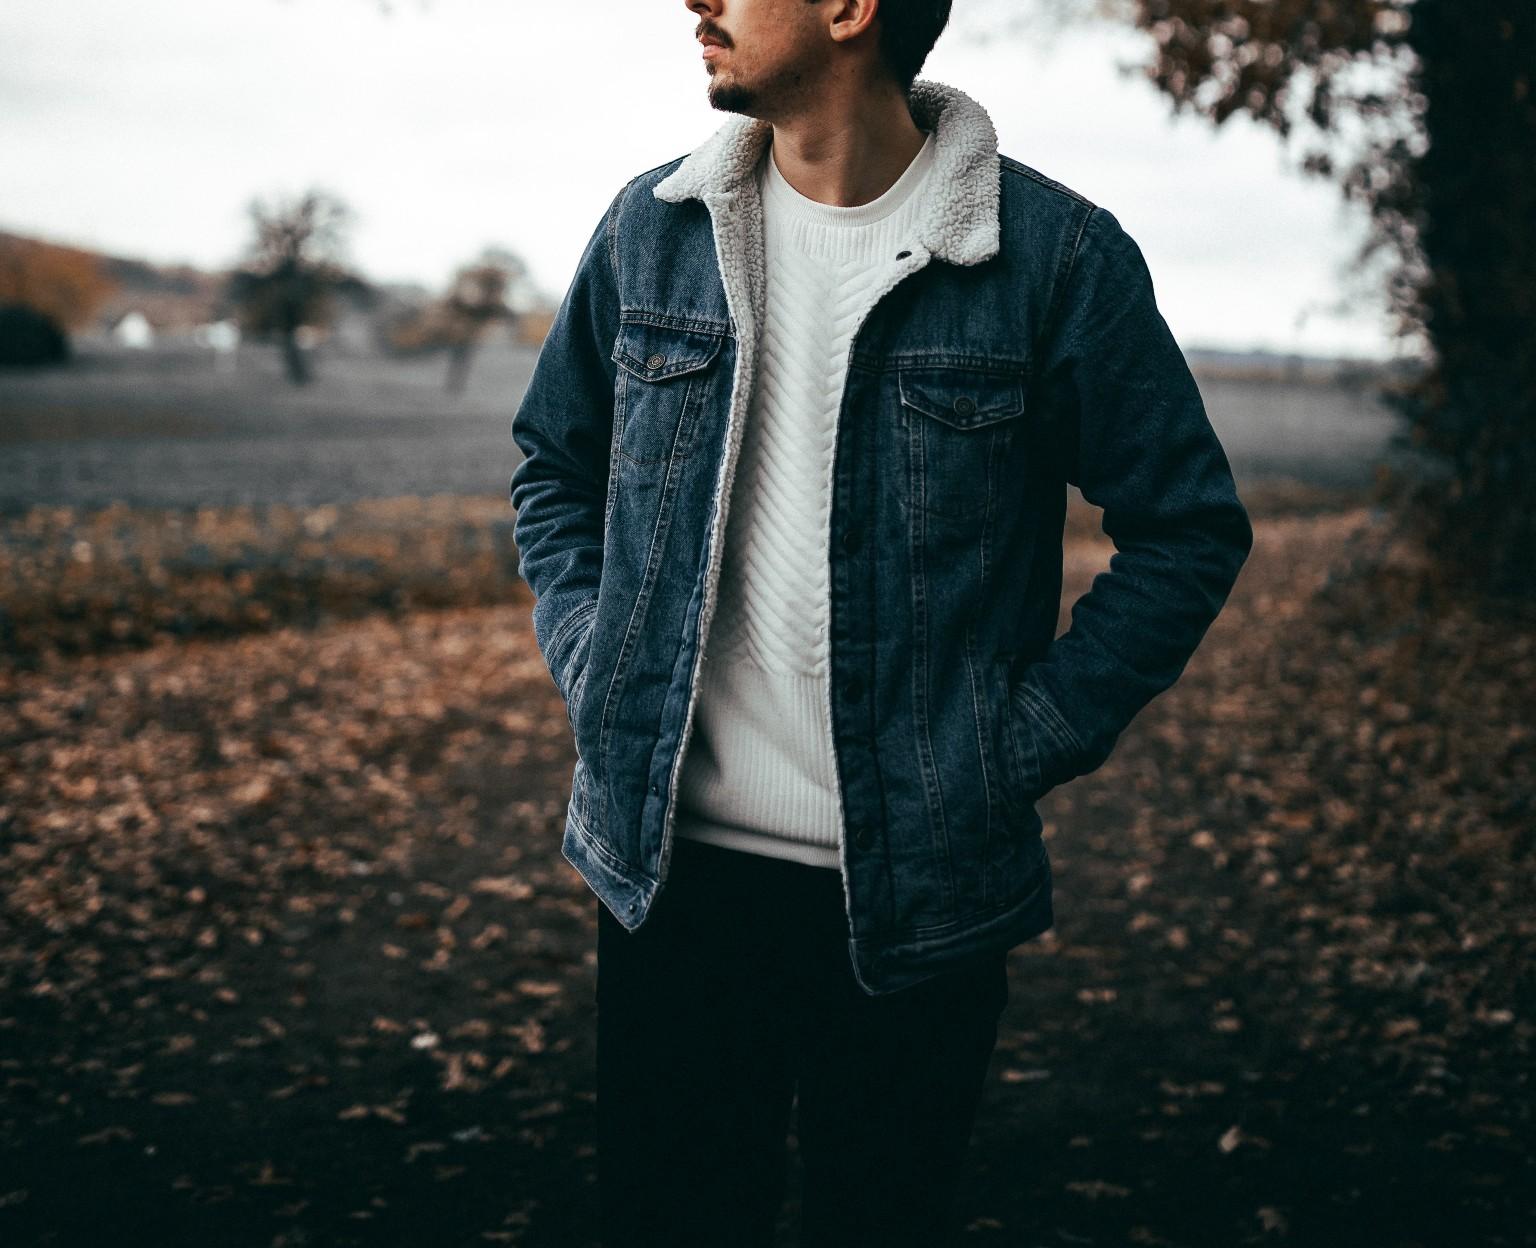 Zateplené džínové bundy můžete nosit téměř celoročně